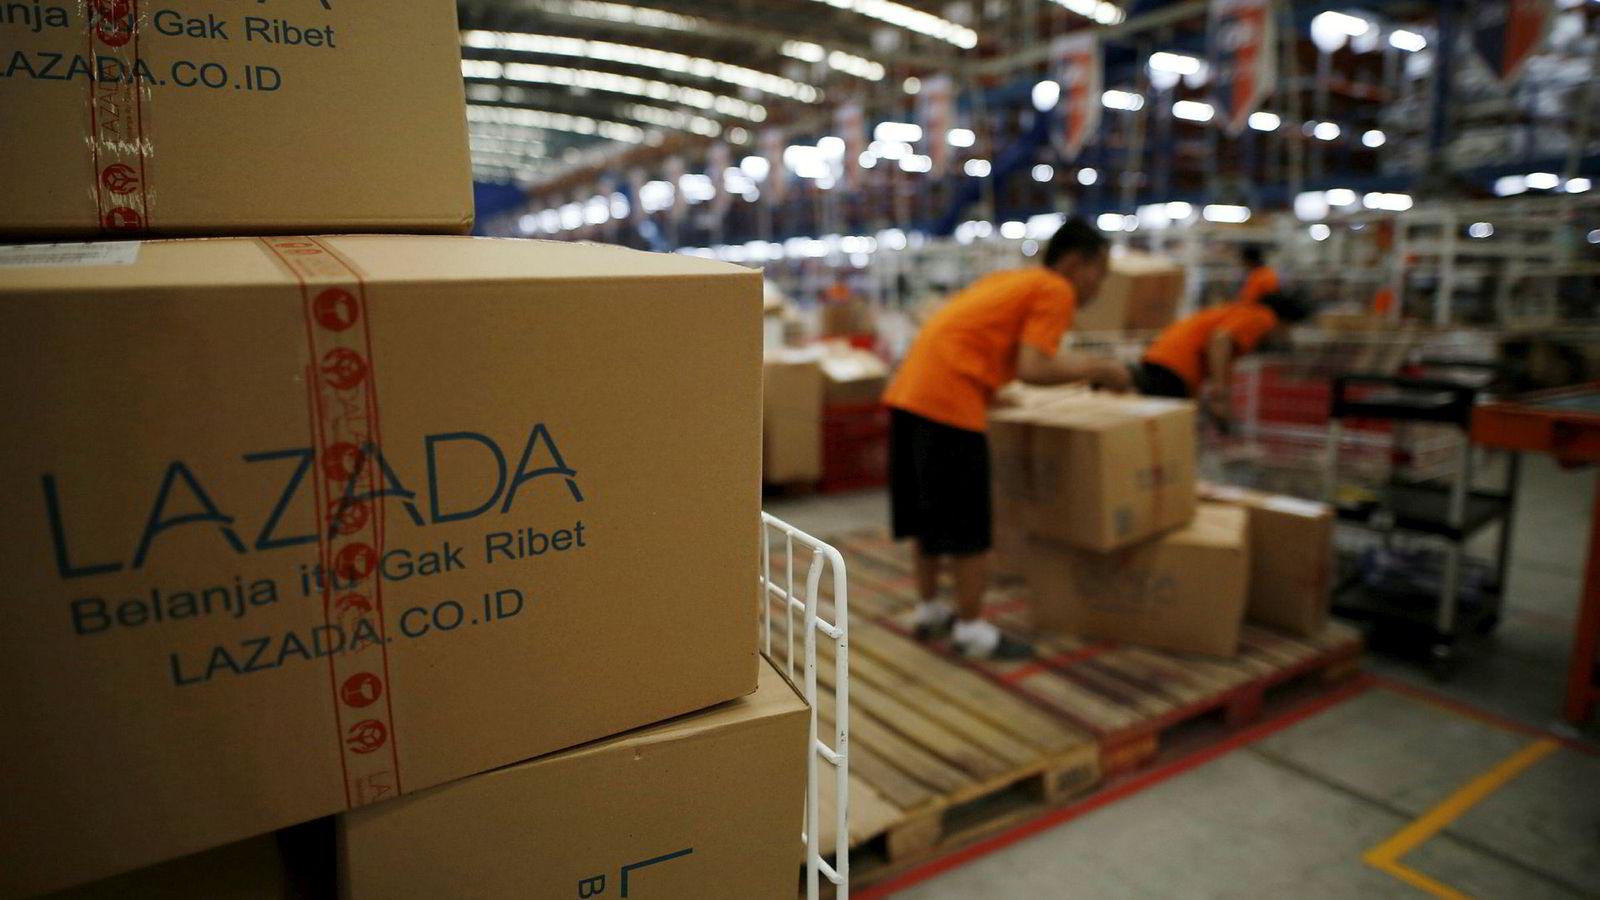 Verdens største internettselskaper kjemper om markedsandeler og innpass i Sørøst-Asia. Alibaba har foretatt store oppkjøp, blant annet Lazada. Nå går startskuddet for Amazons satsing i regionen - et marked som kan bli verdt 200 milliarder dollar i 2025.